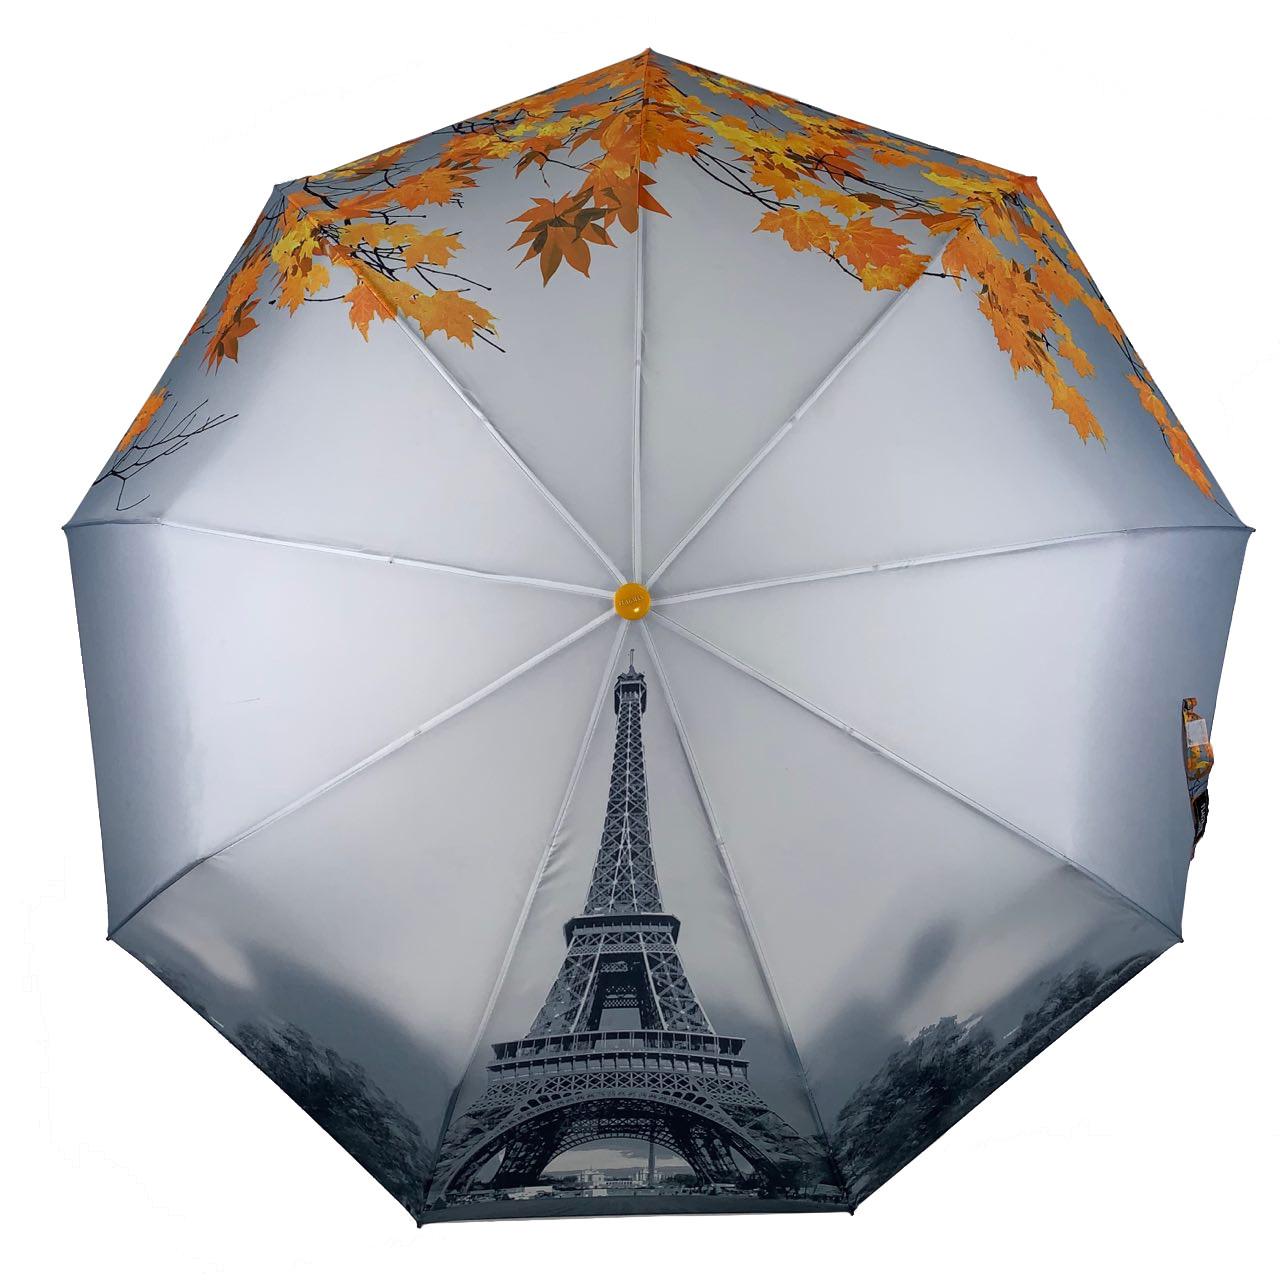 Женский зонт-полуавтомат Flagman с Эйфелевой башней и листьями, желтый, 544-4